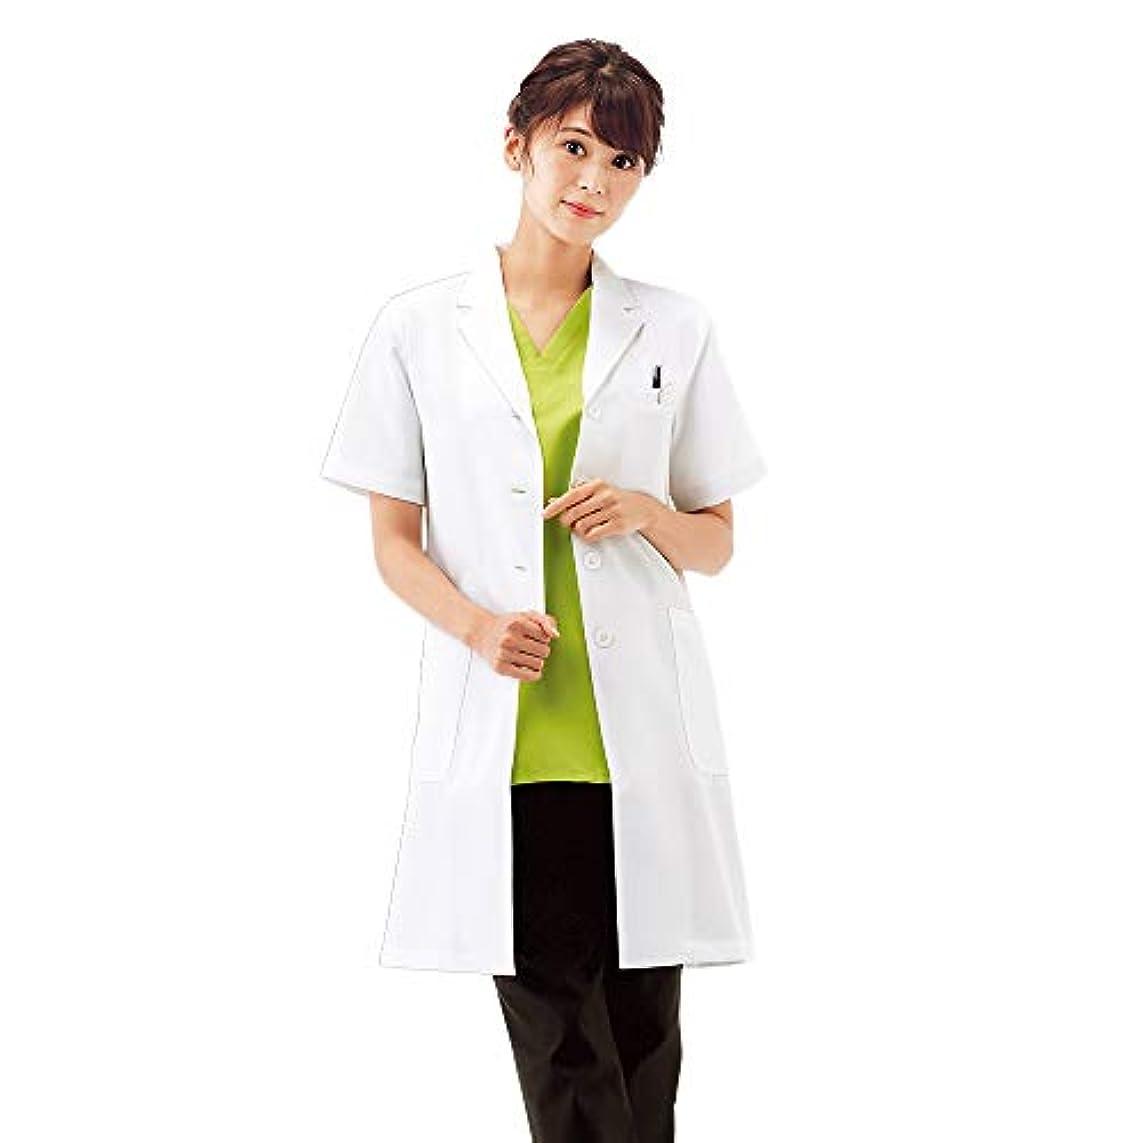 醜い気づかないイサカナースリー デイリー 半袖ドクターコート 白衣 シワになりにくい 女性用 実験 診察衣 両脇ポケット付